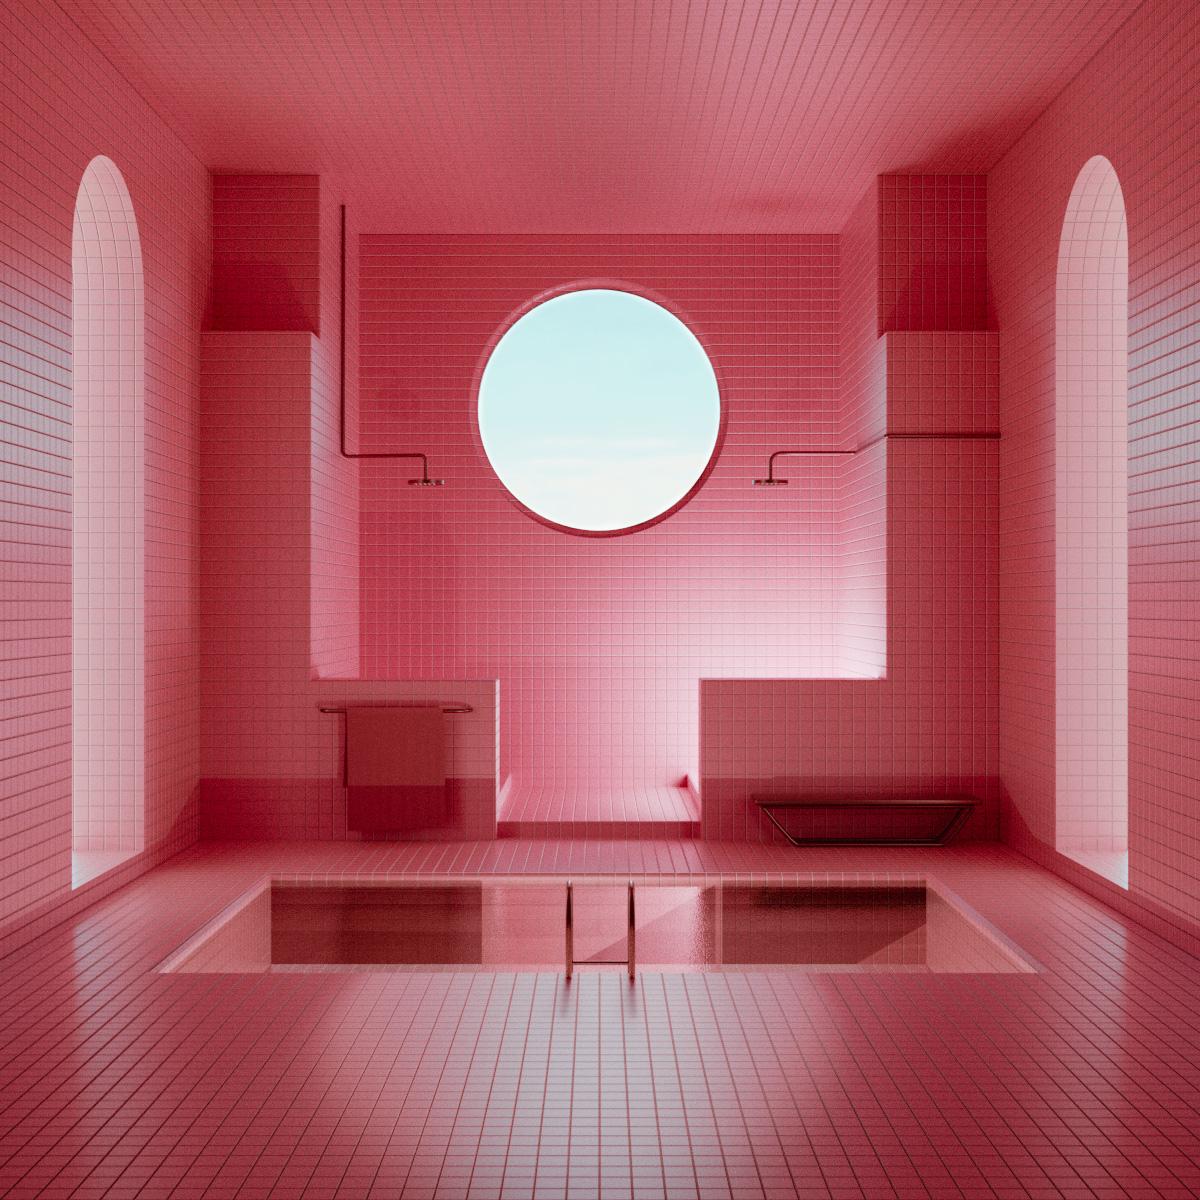 Red-Room-1-of-1-31.jpg